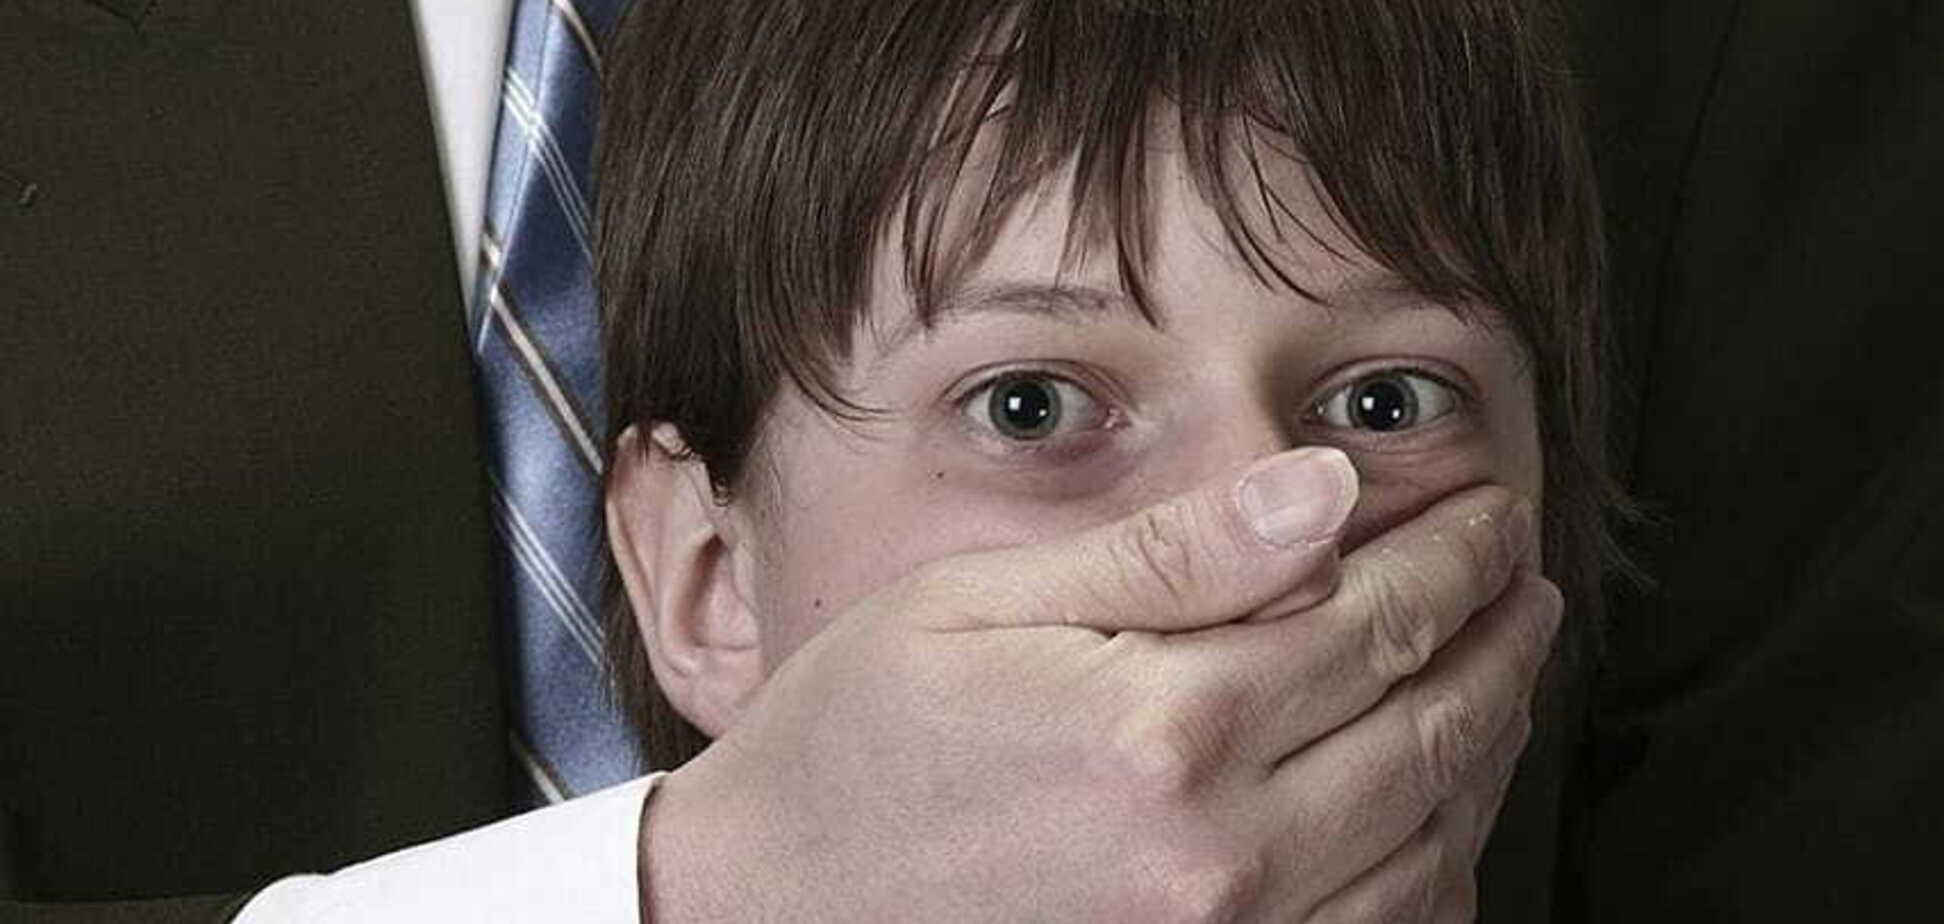 Затянул в подсобку в ТРЦ: в Киеве мужчина совращал 11-летнего ребенка